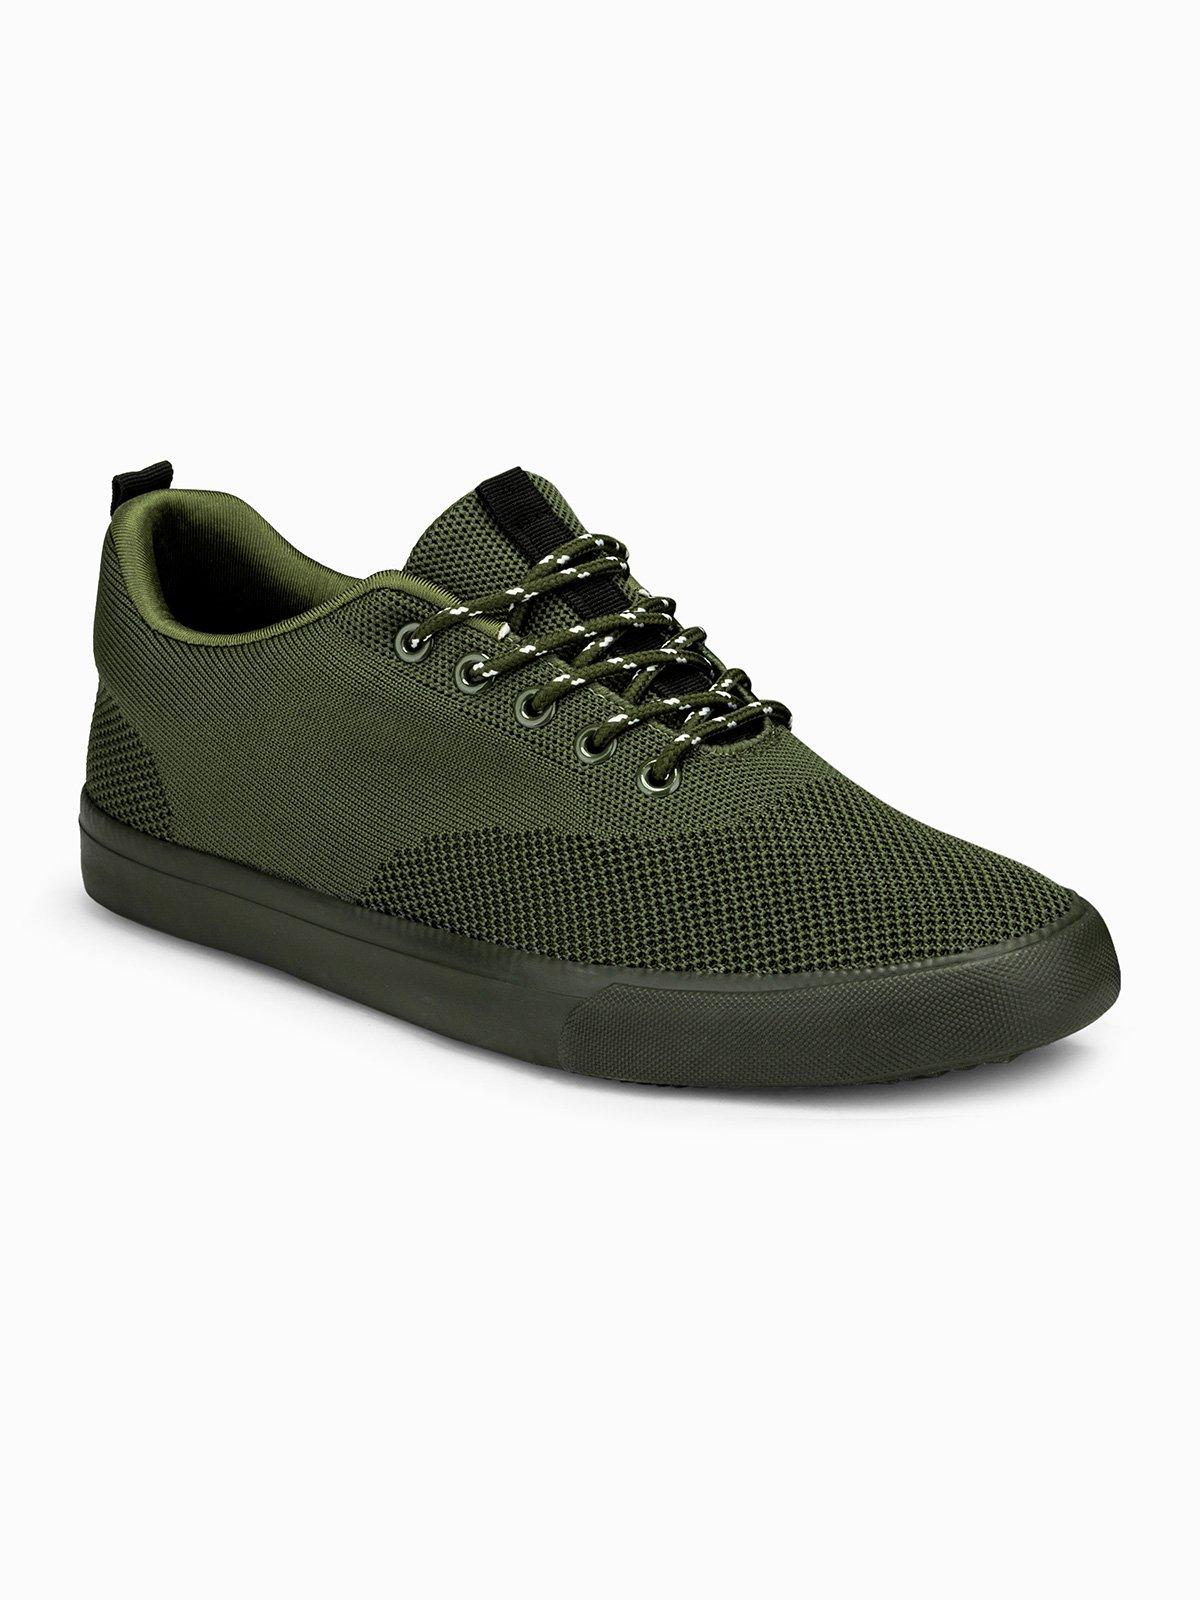 Купить со скидкой Взуття чоловіче кросівки T303 - оливкові